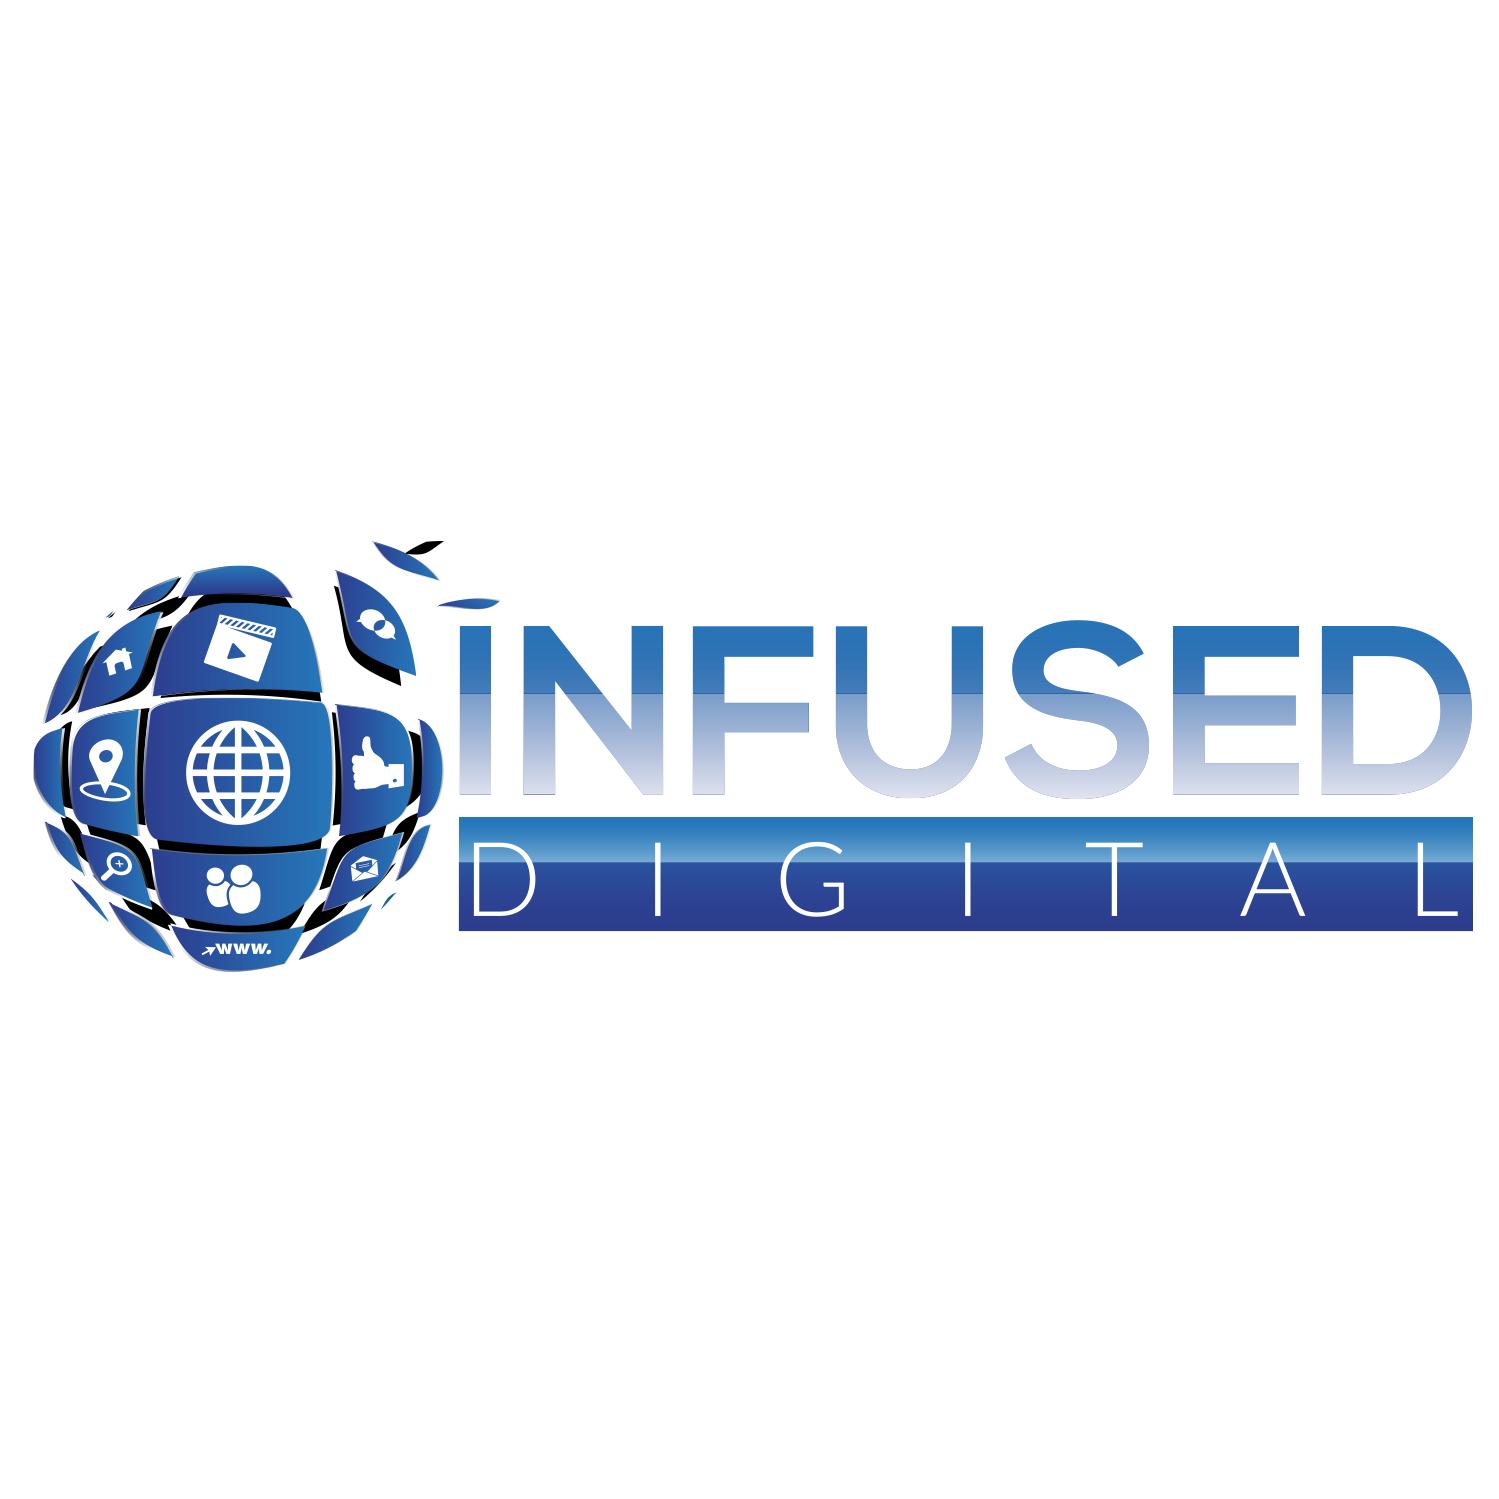 Infused Digital